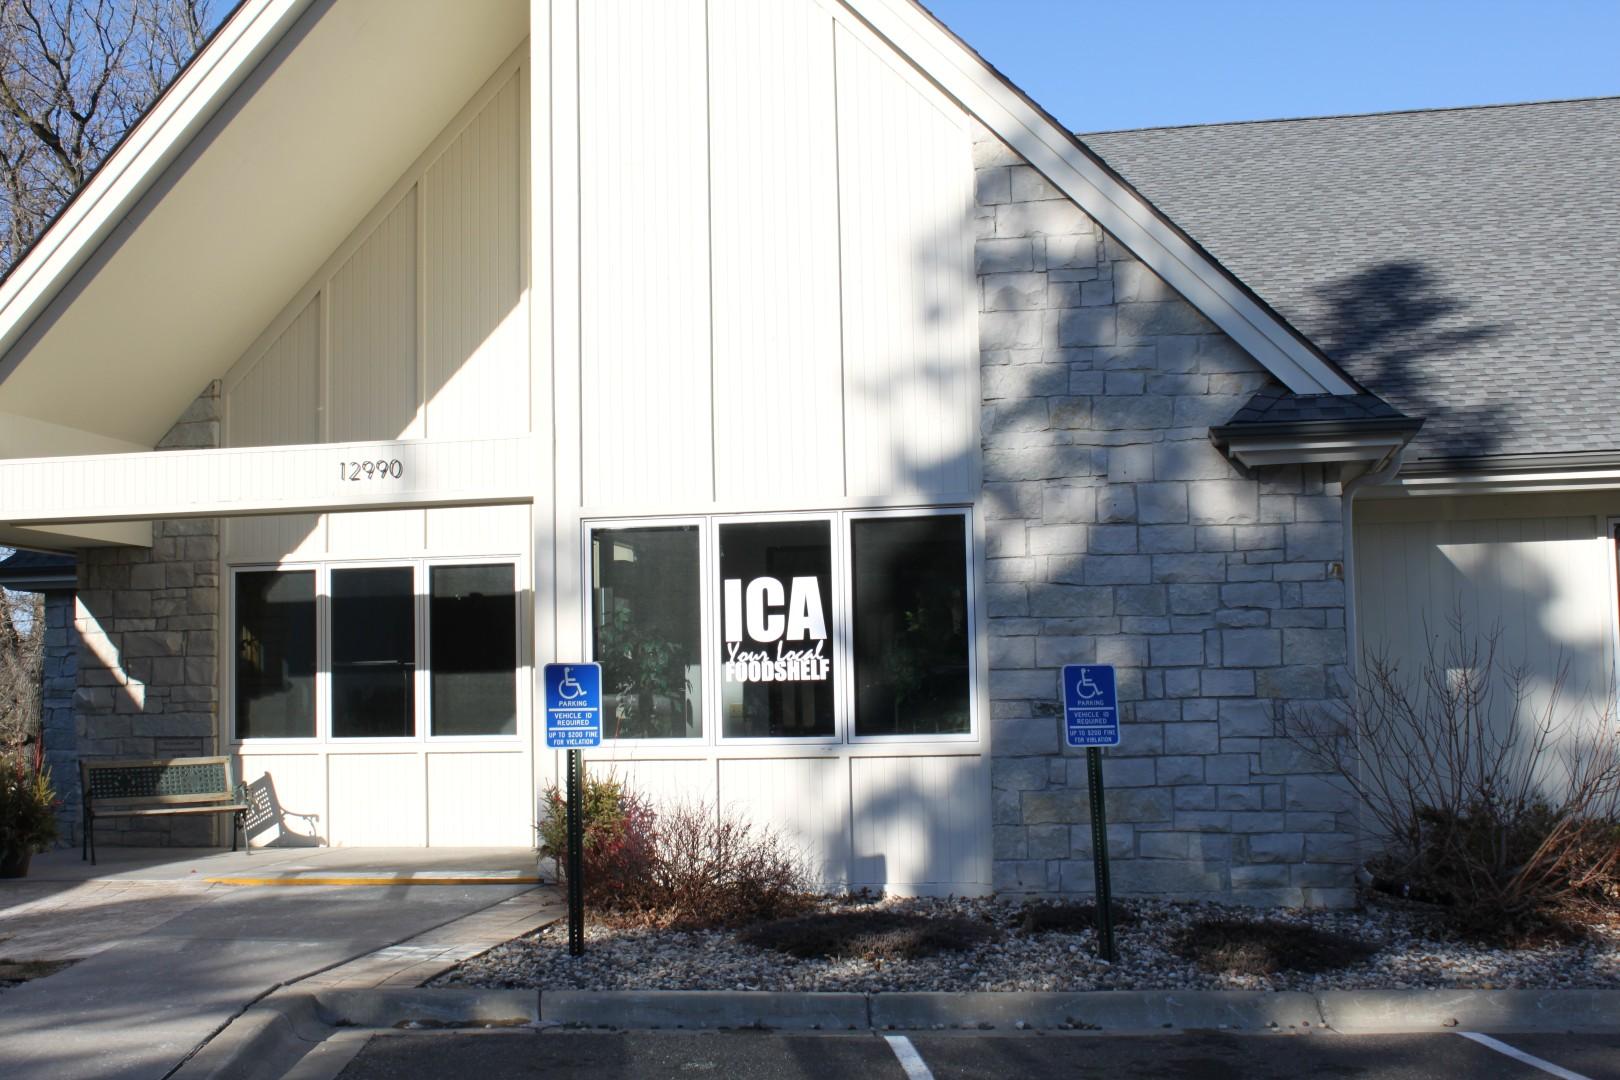 ICA at St. Davids